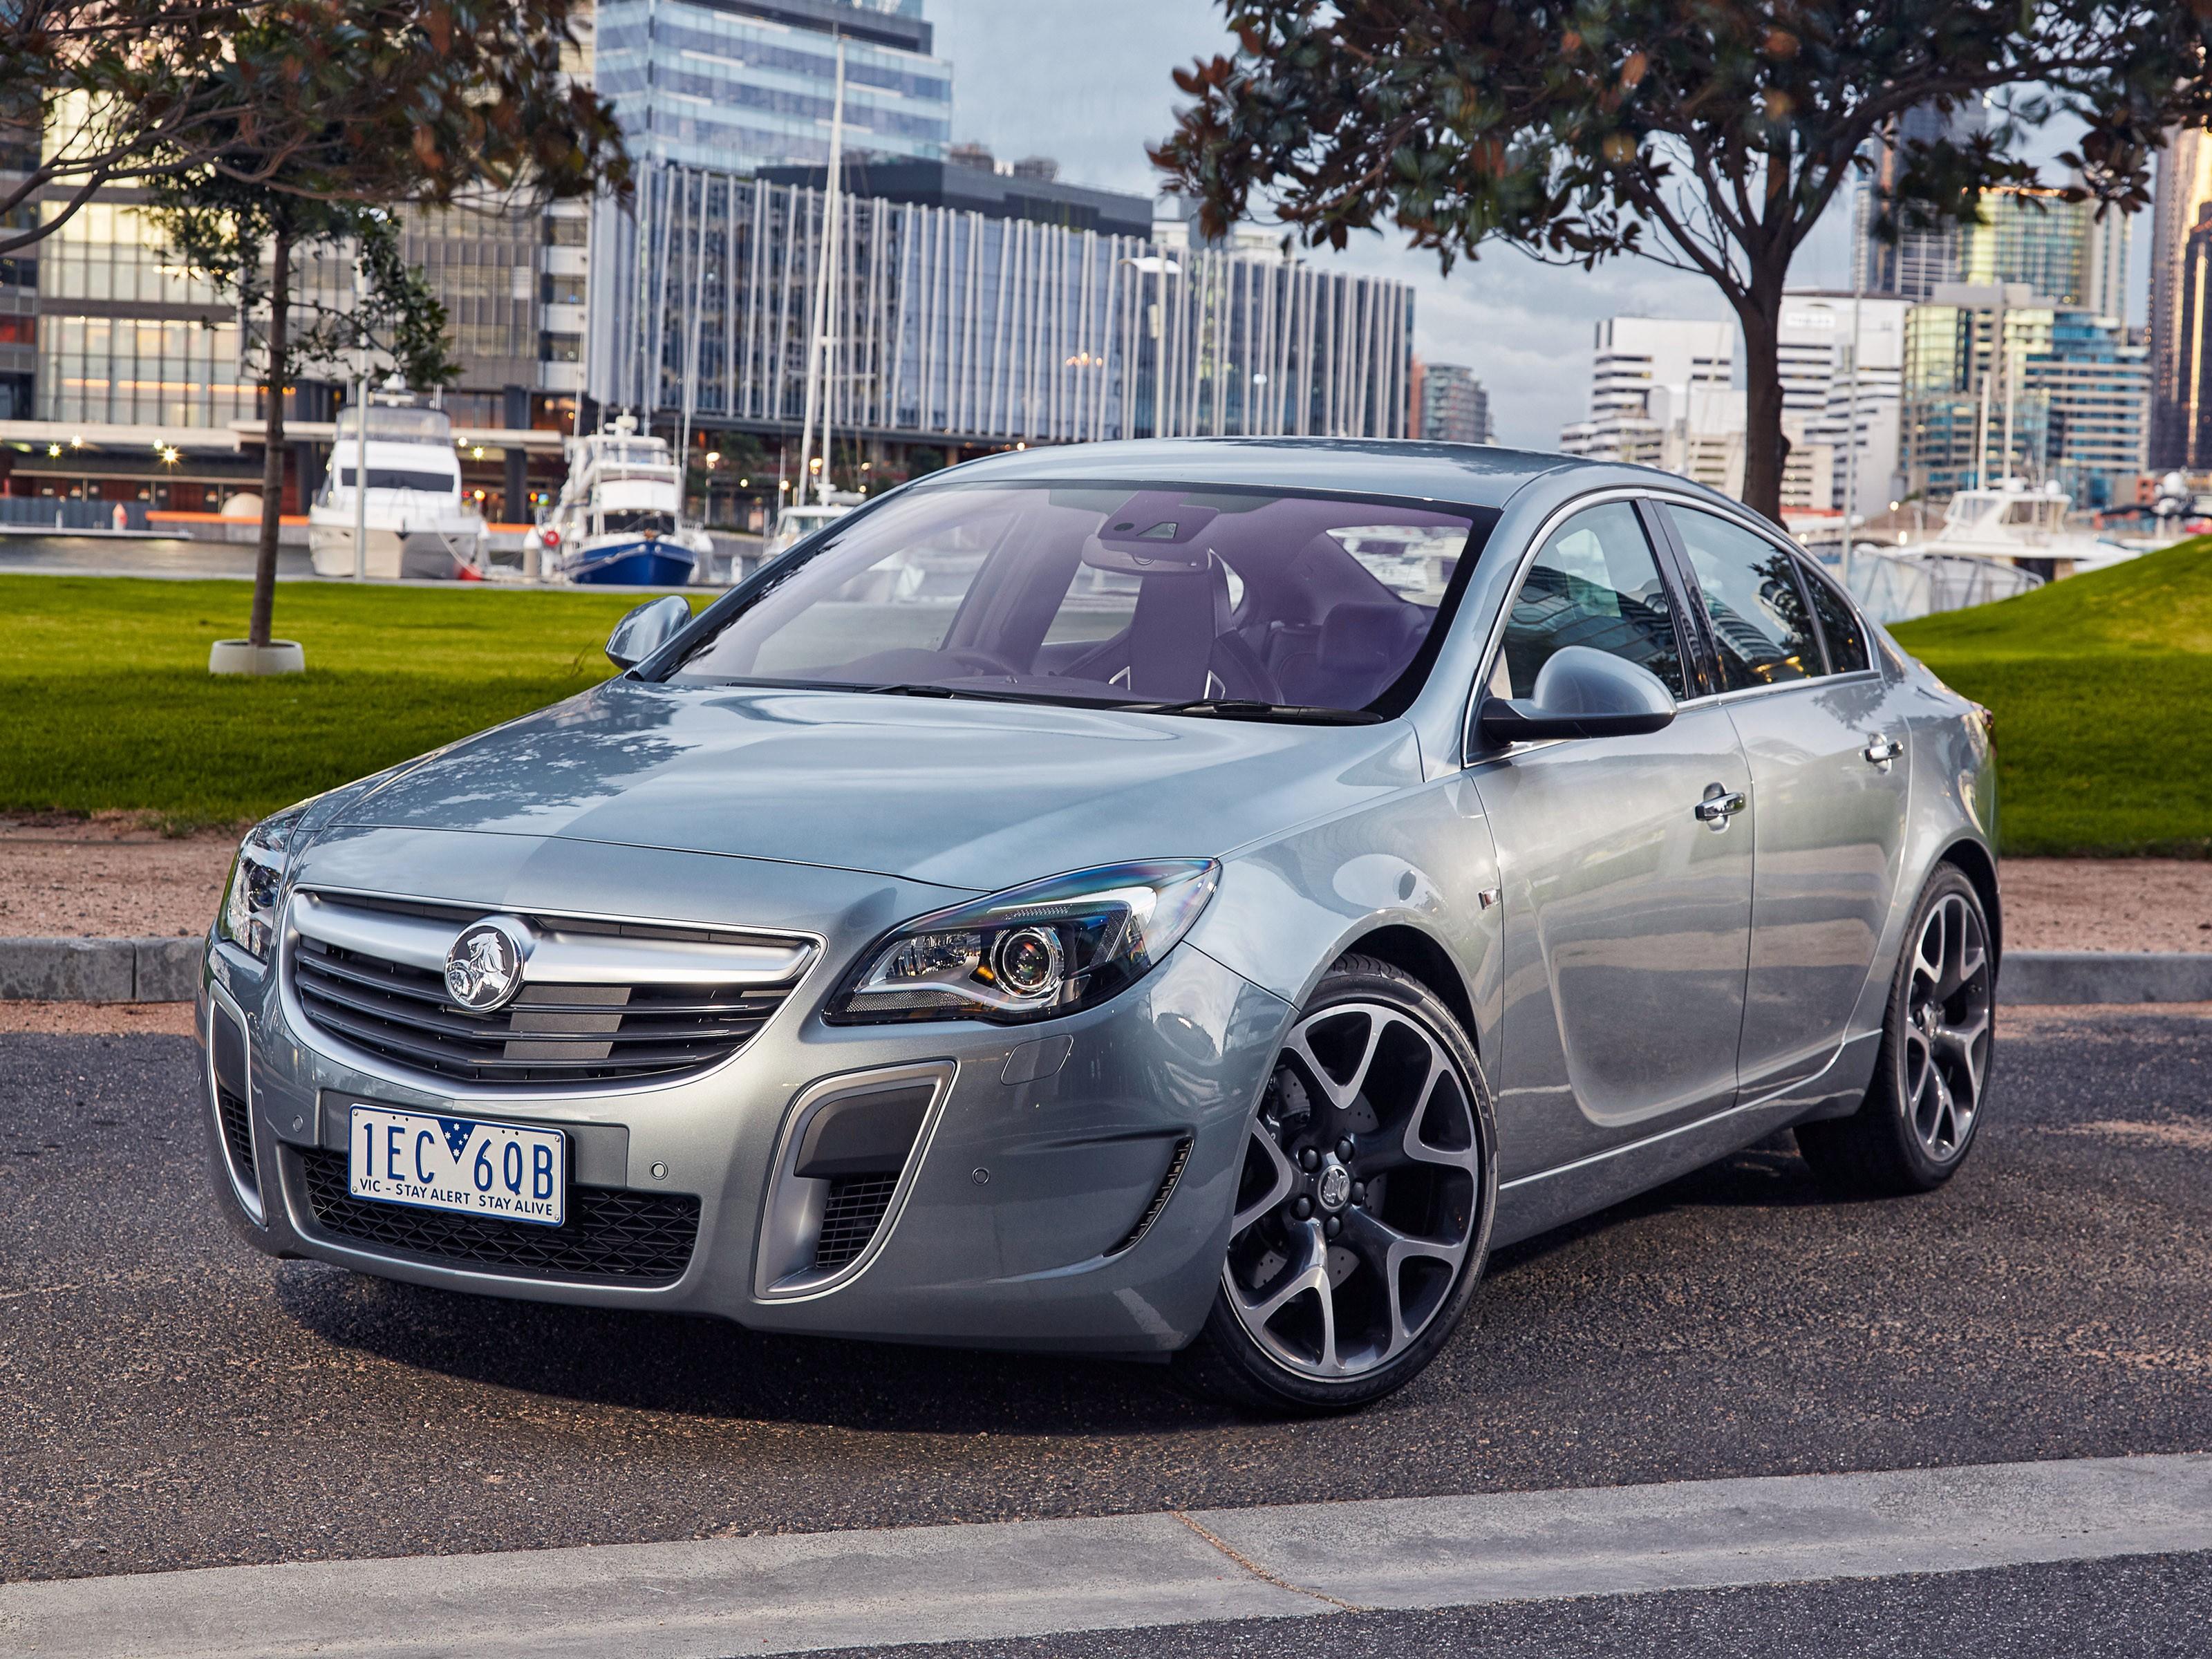 2015 Holden Insignia VXR